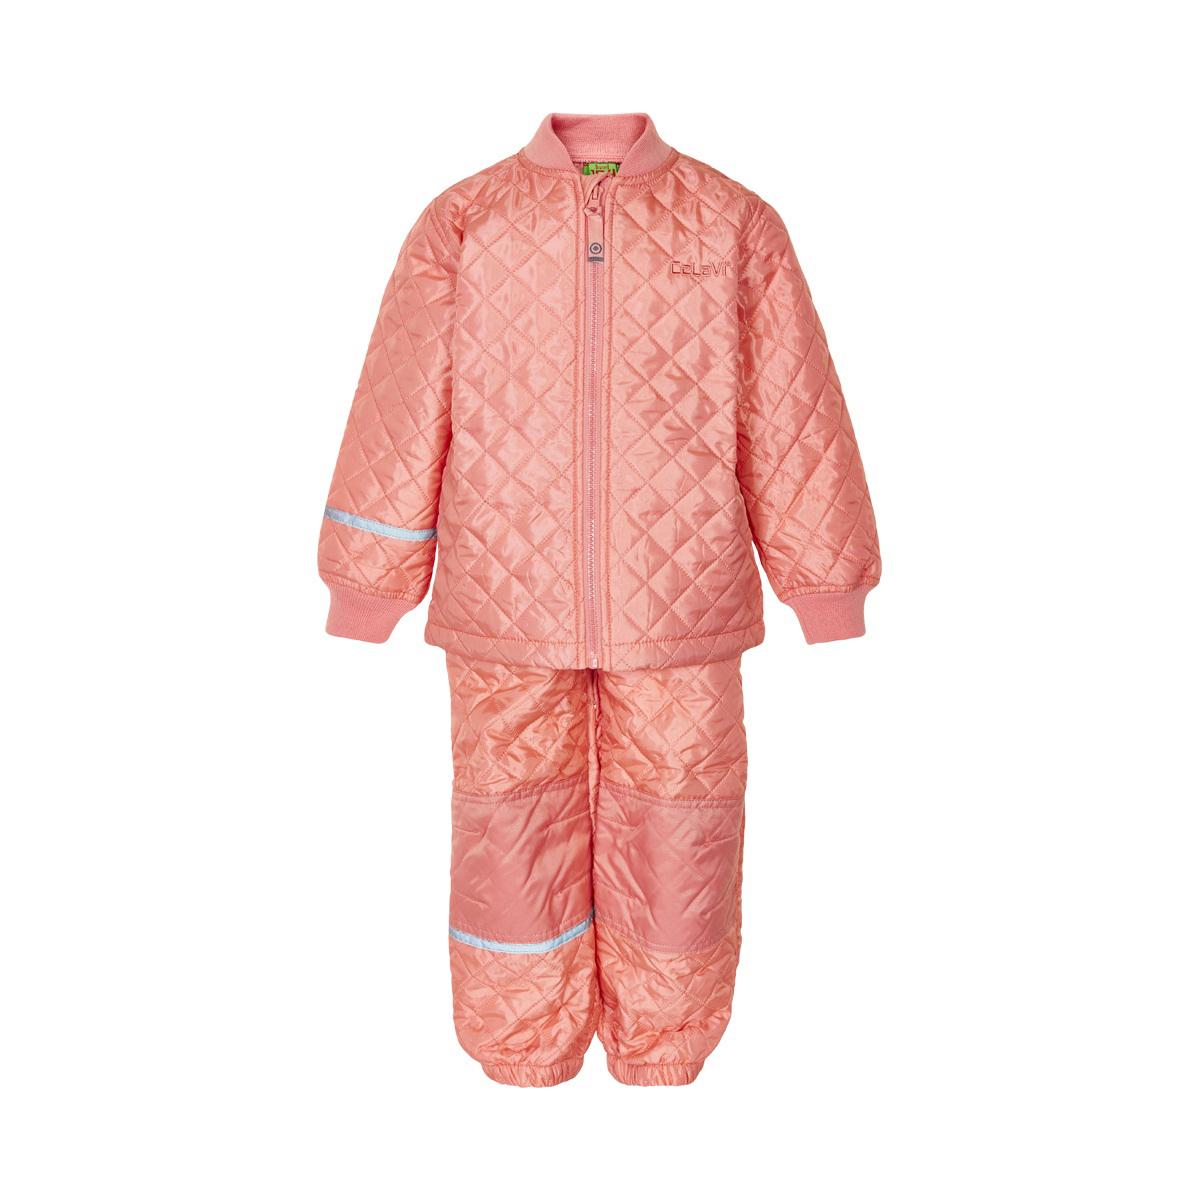 CeLaVi dětský termo oblek 3555-594